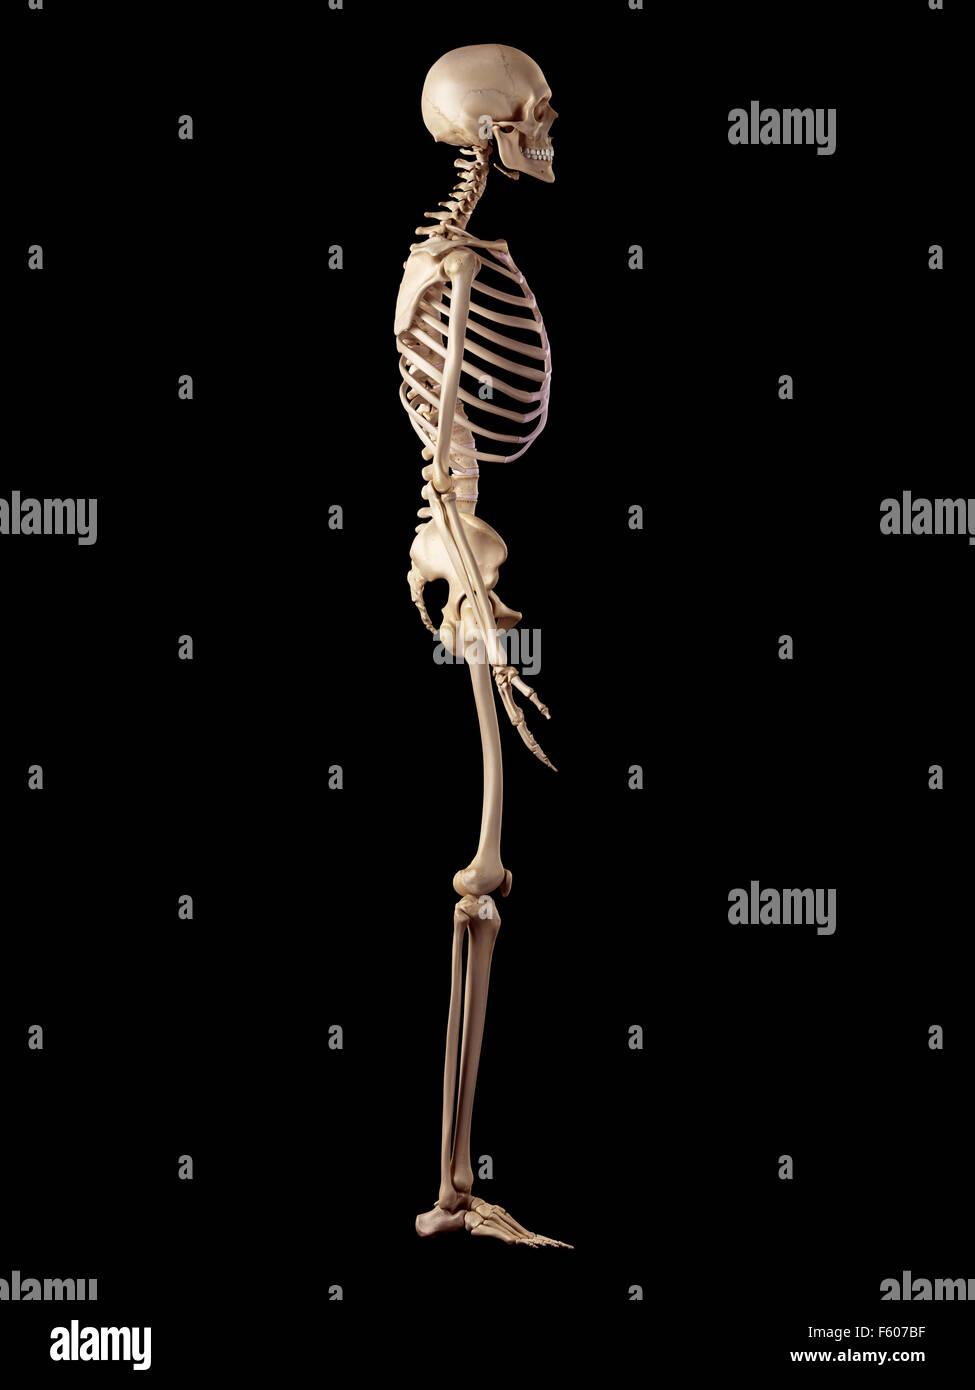 medizinische genaue Abbildung des menschlichen Skeletts Stockbild